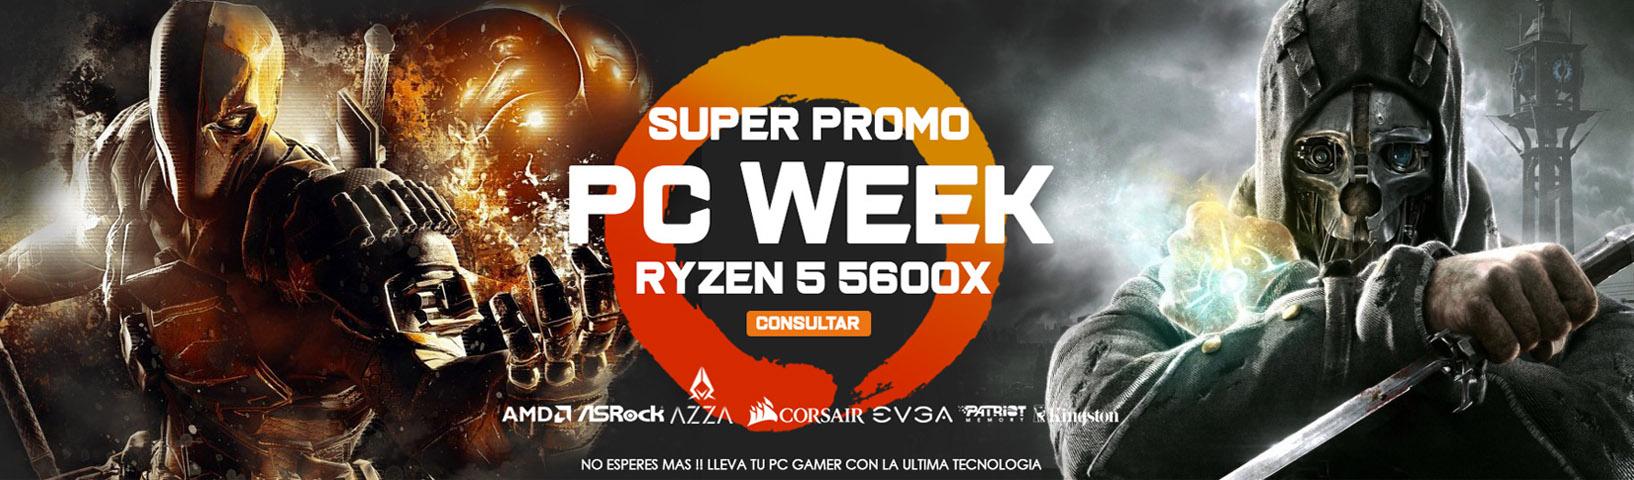 banner-amdpcweek.jpg